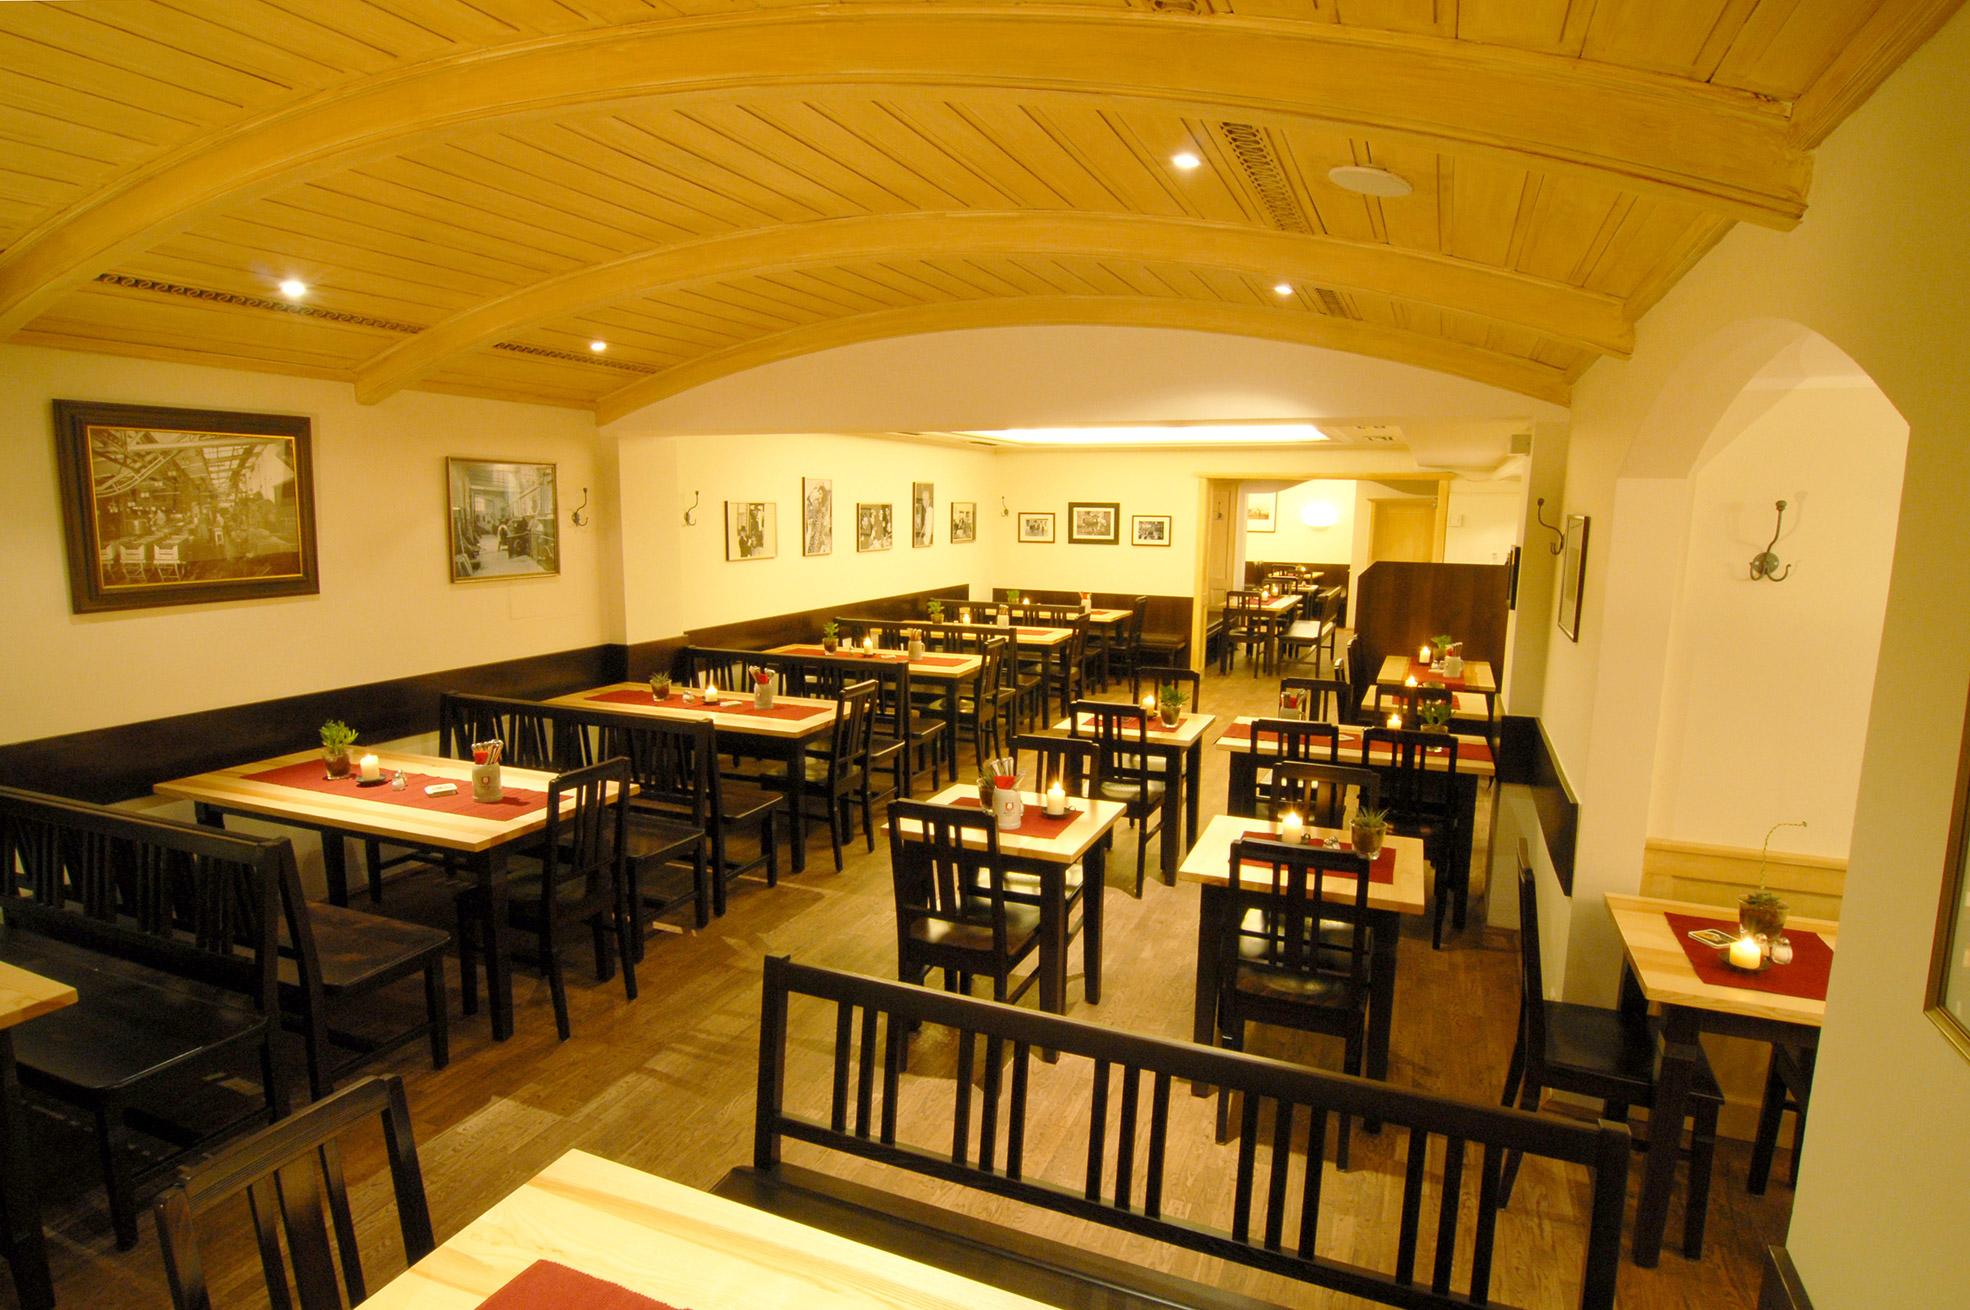 schnitzelwirt restaurant einblick